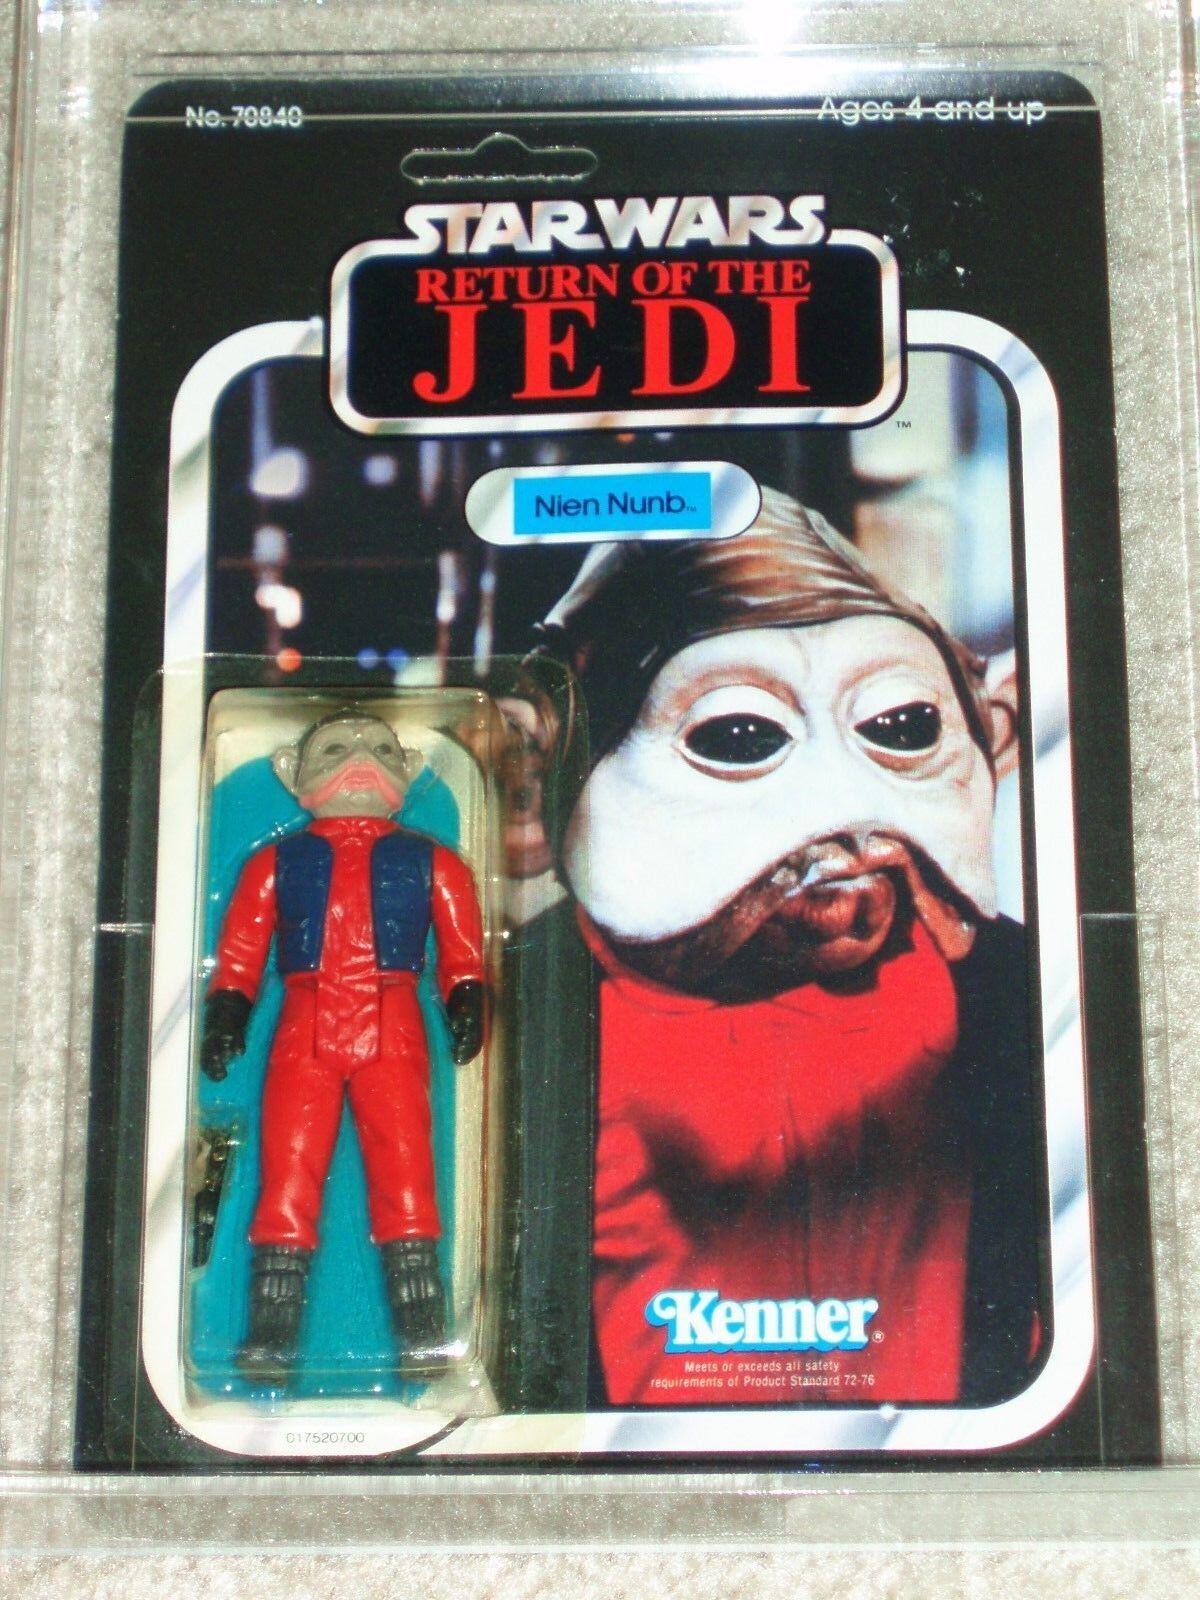 Vintage Star Wars 1983 Action Figure Authority 80 85 85 NIEN NUNB le retour du jedi 65-arrière B Kenner Comme neuf on Card pion